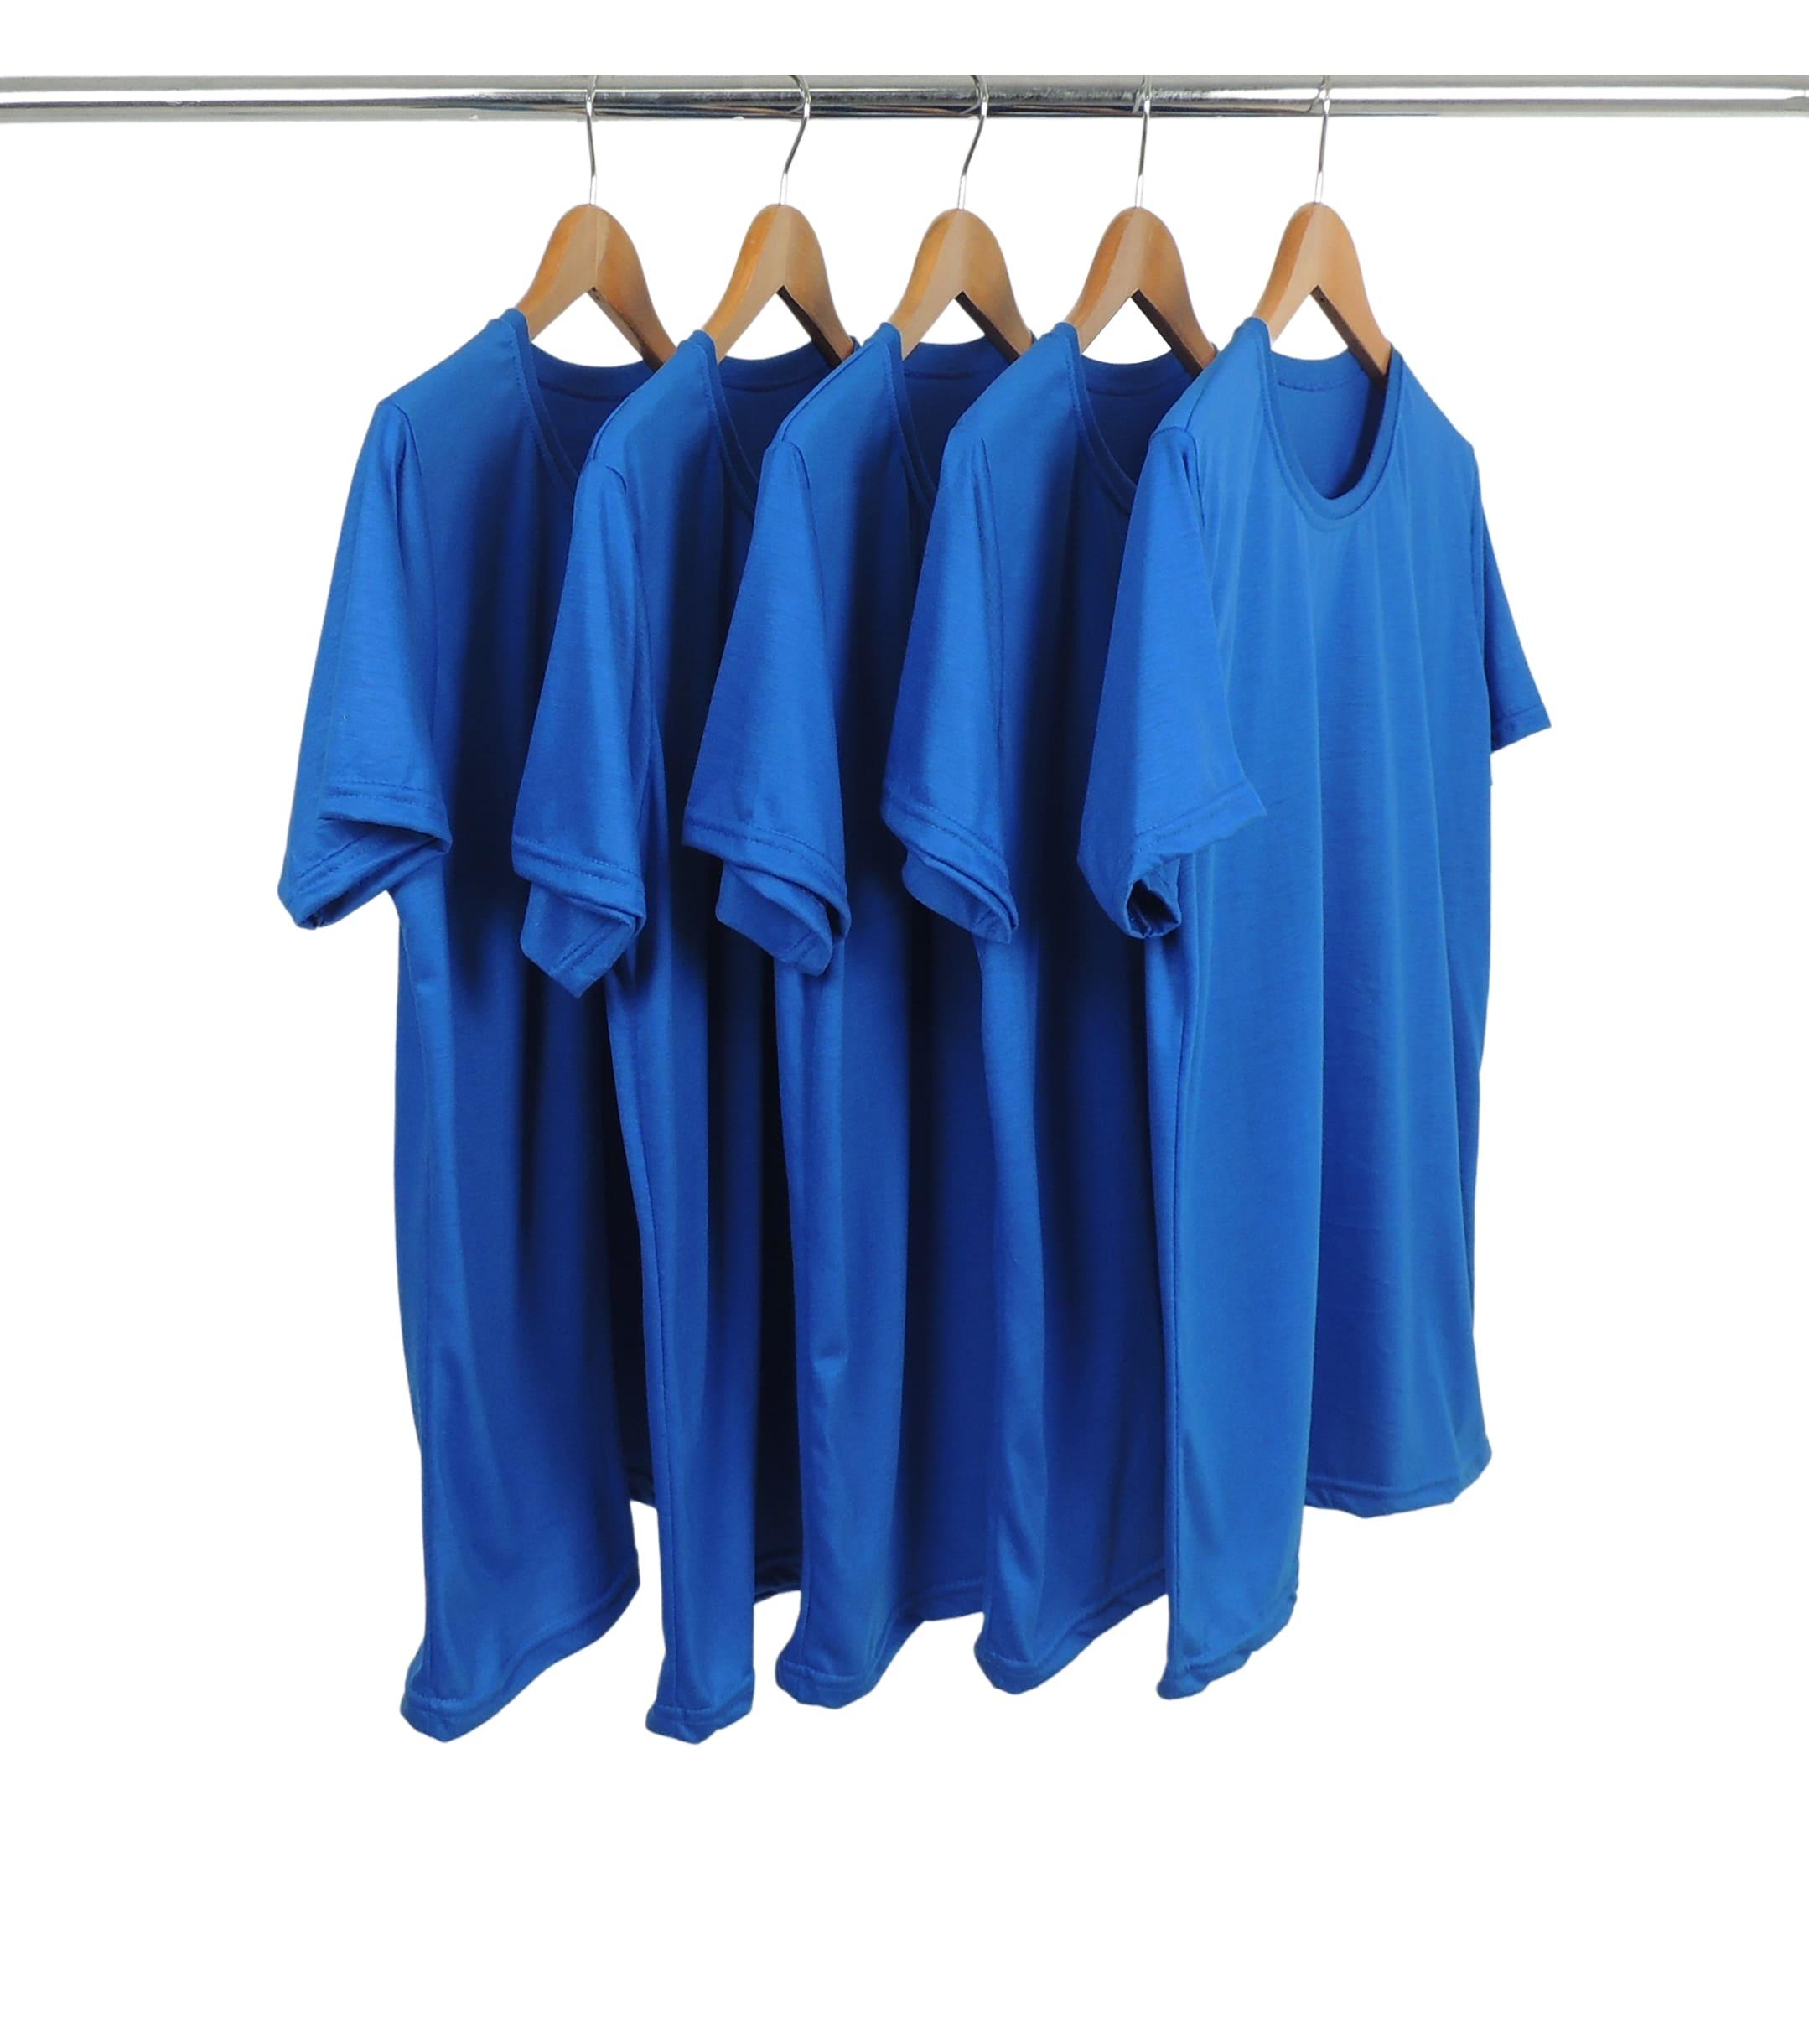 5 PEÇAS - Camiseta PV / Malha Fria Azul Royal